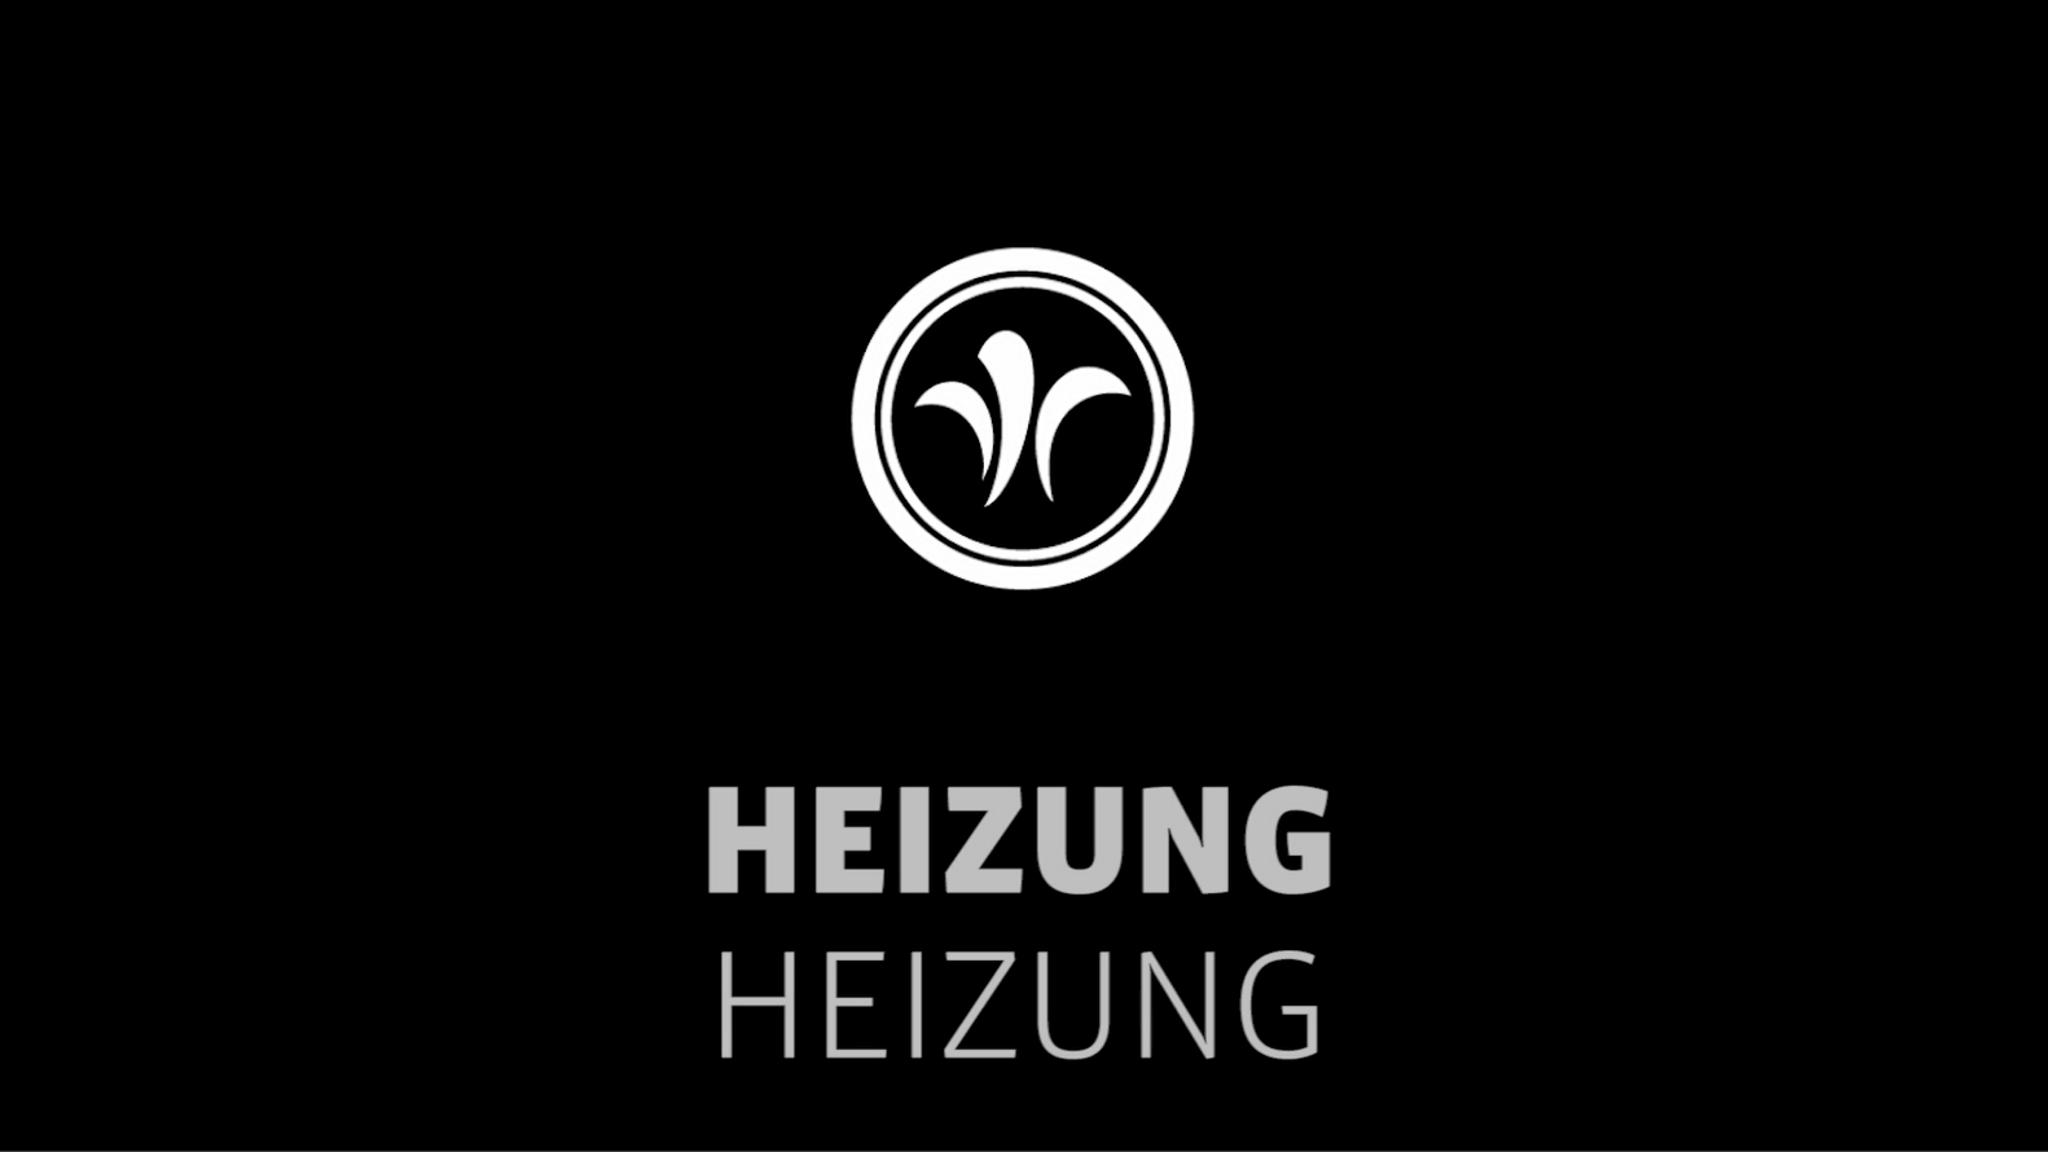 Wohnmobil Heizung // Niesmann+Bischoff – Reisemobil (Modell ARTO) // 2019 // H2